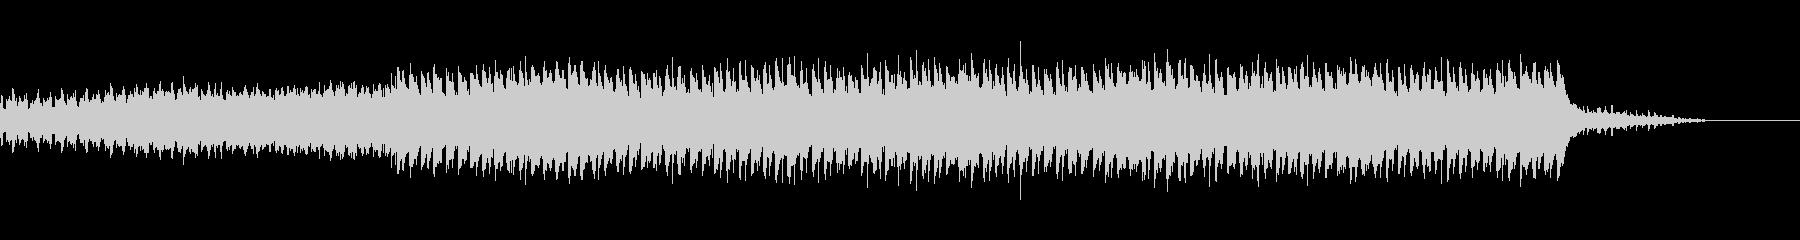 再現シーン:感極まるプチトランス 60秒の未再生の波形